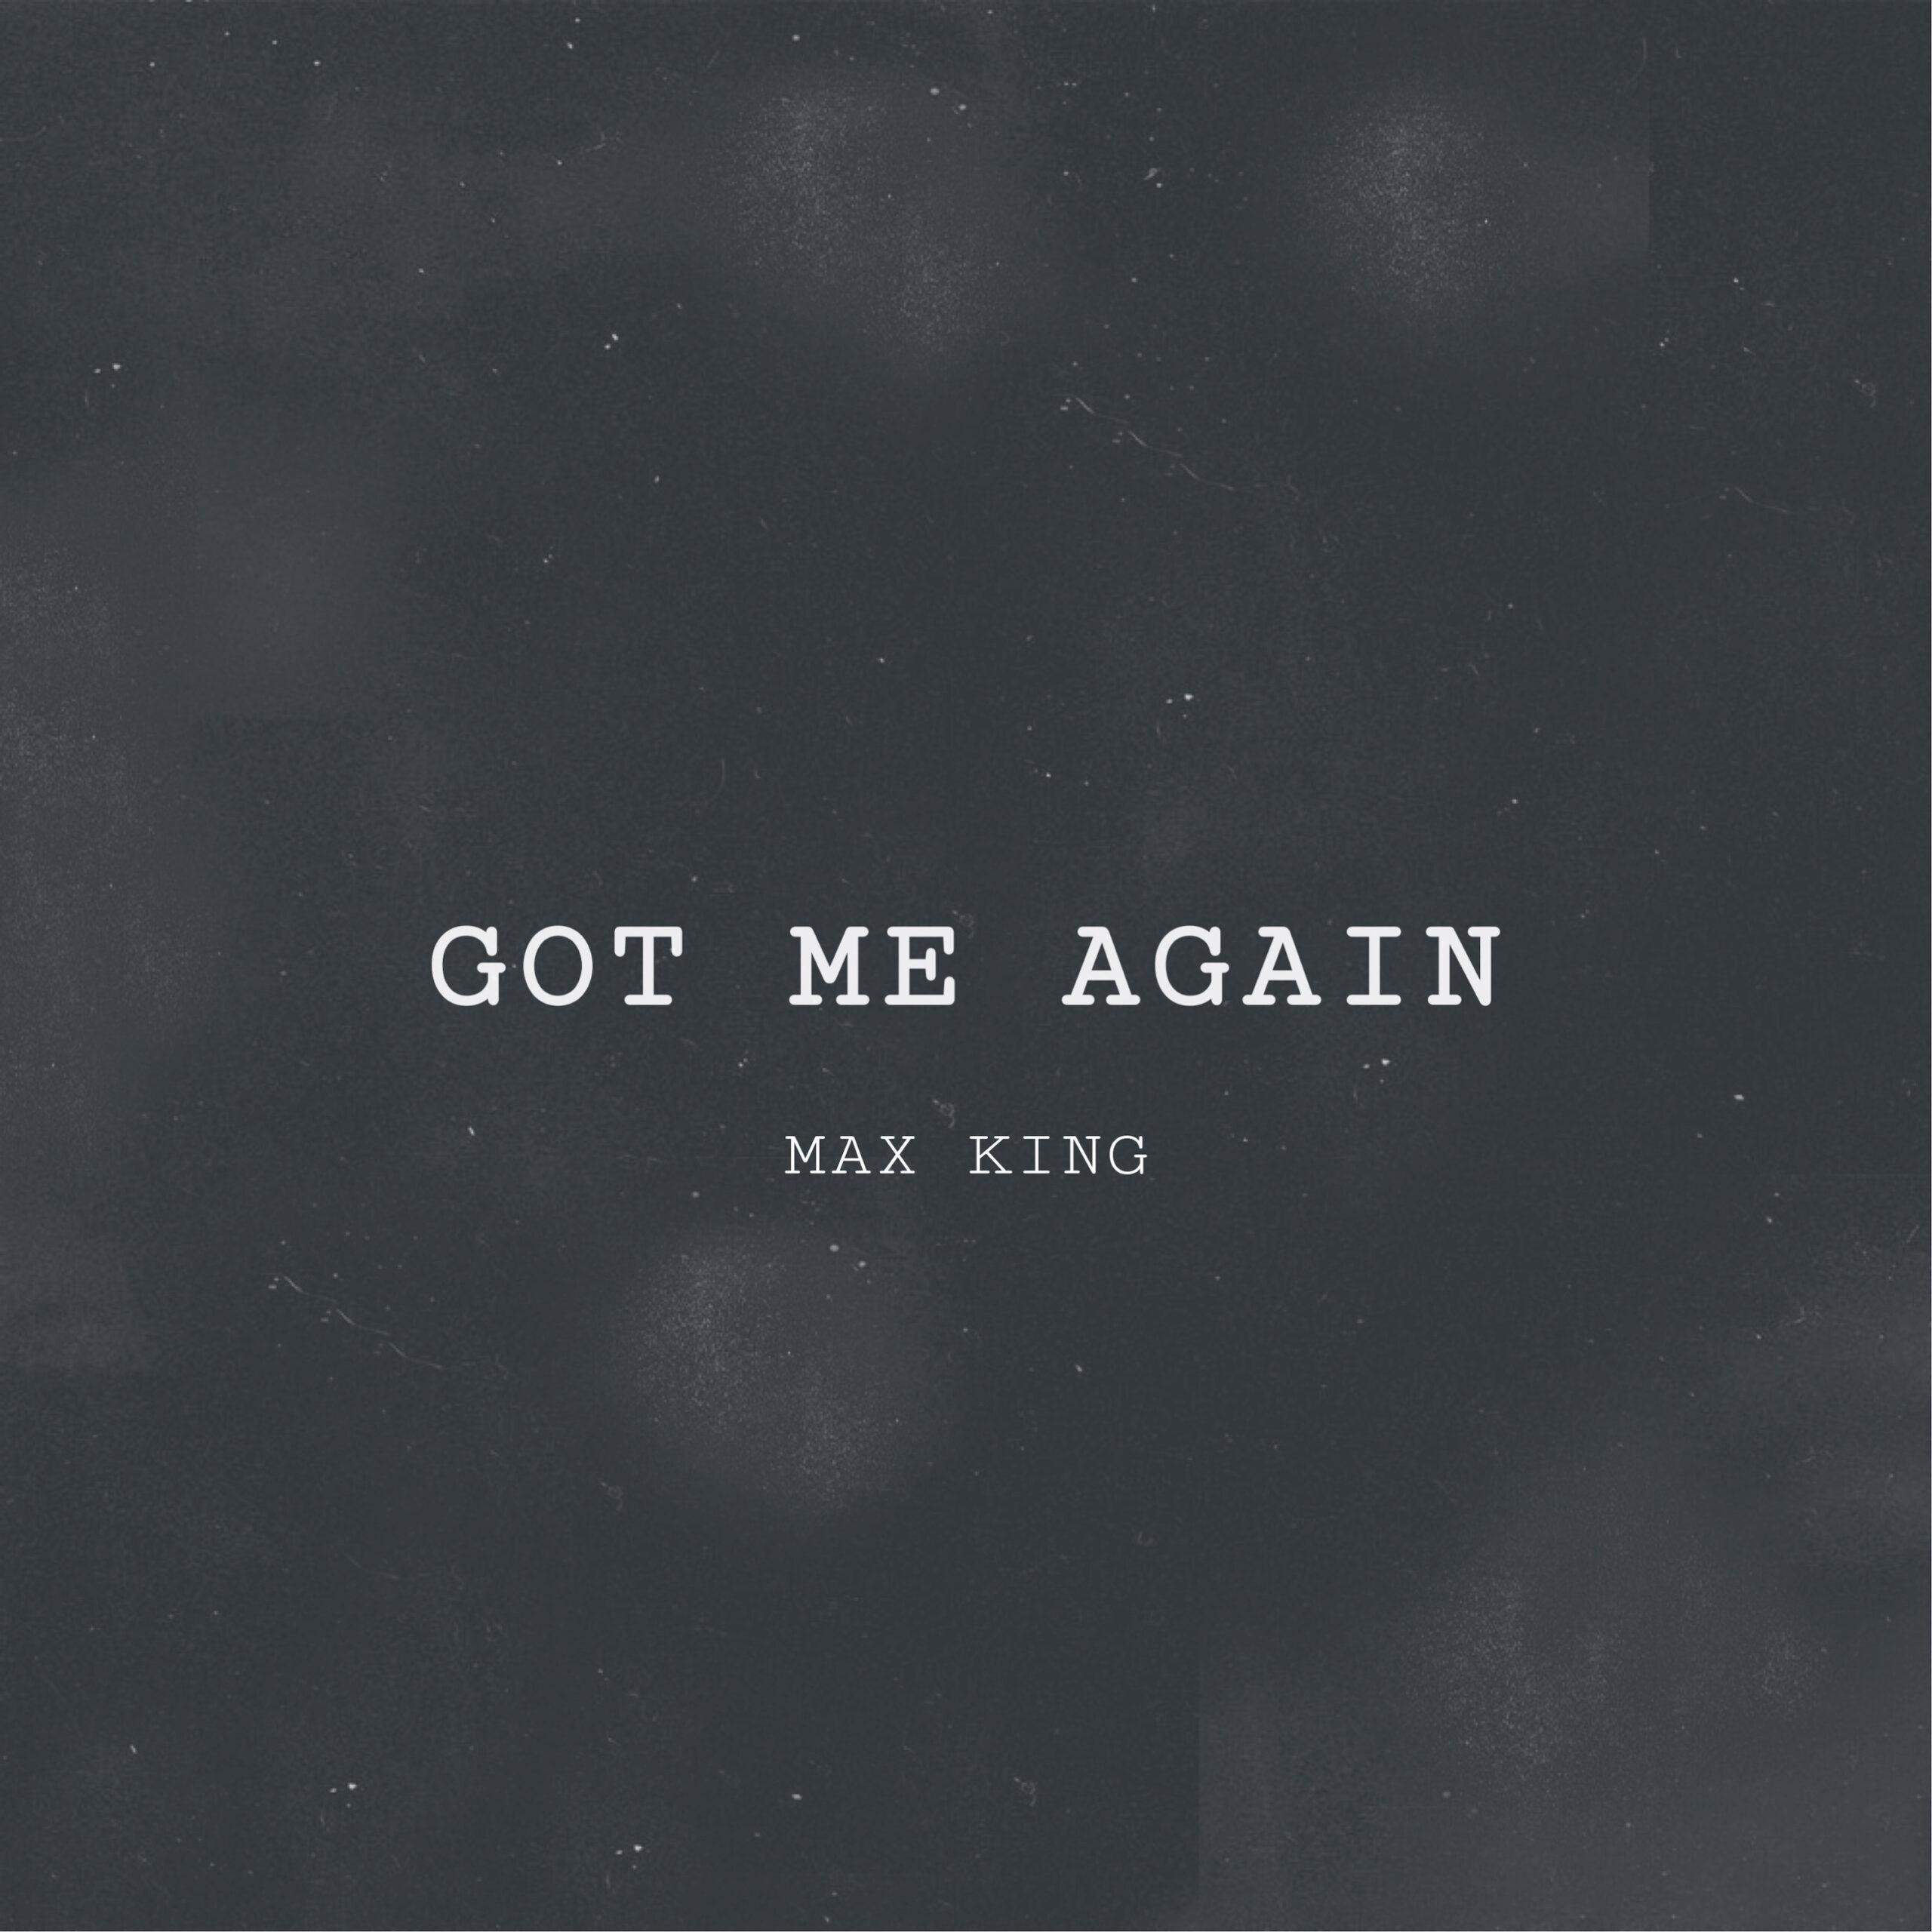 Max King - Got Me Again